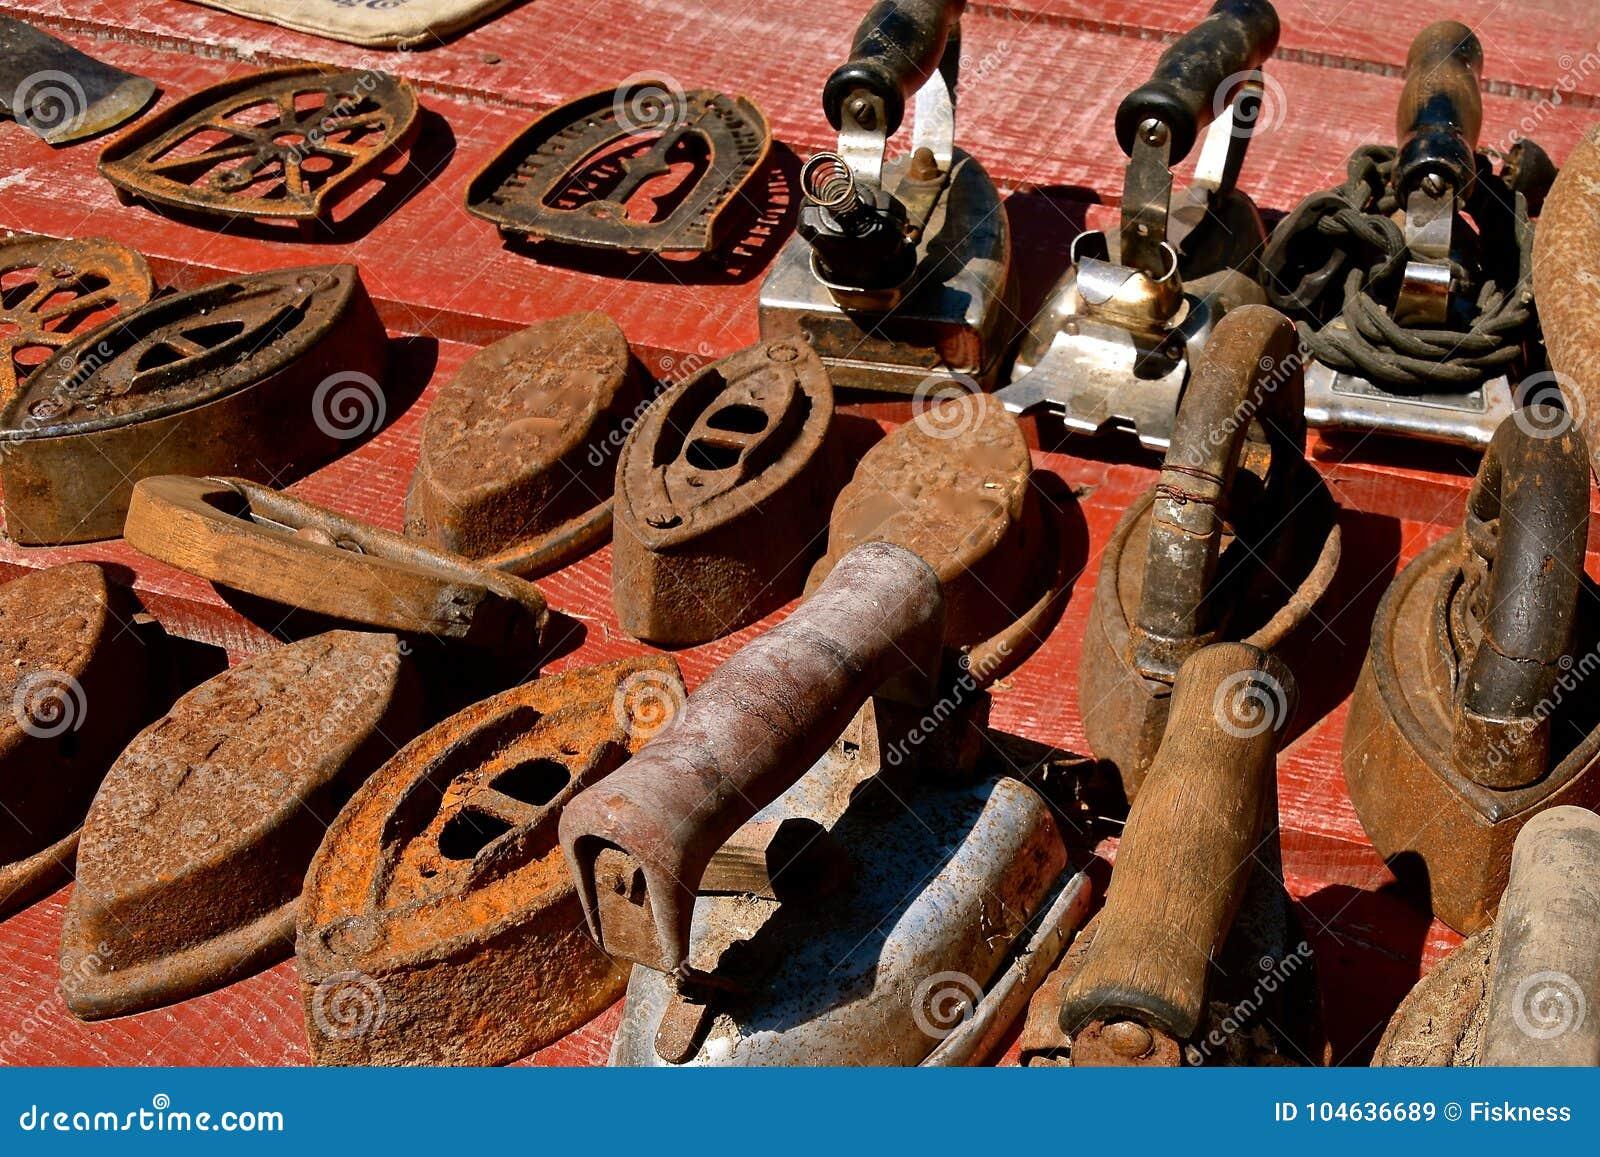 Download Inzameling Van Oude Roestige Ijzers Stock Afbeelding - Afbeelding bestaande uit decoratie, veiling: 104636689